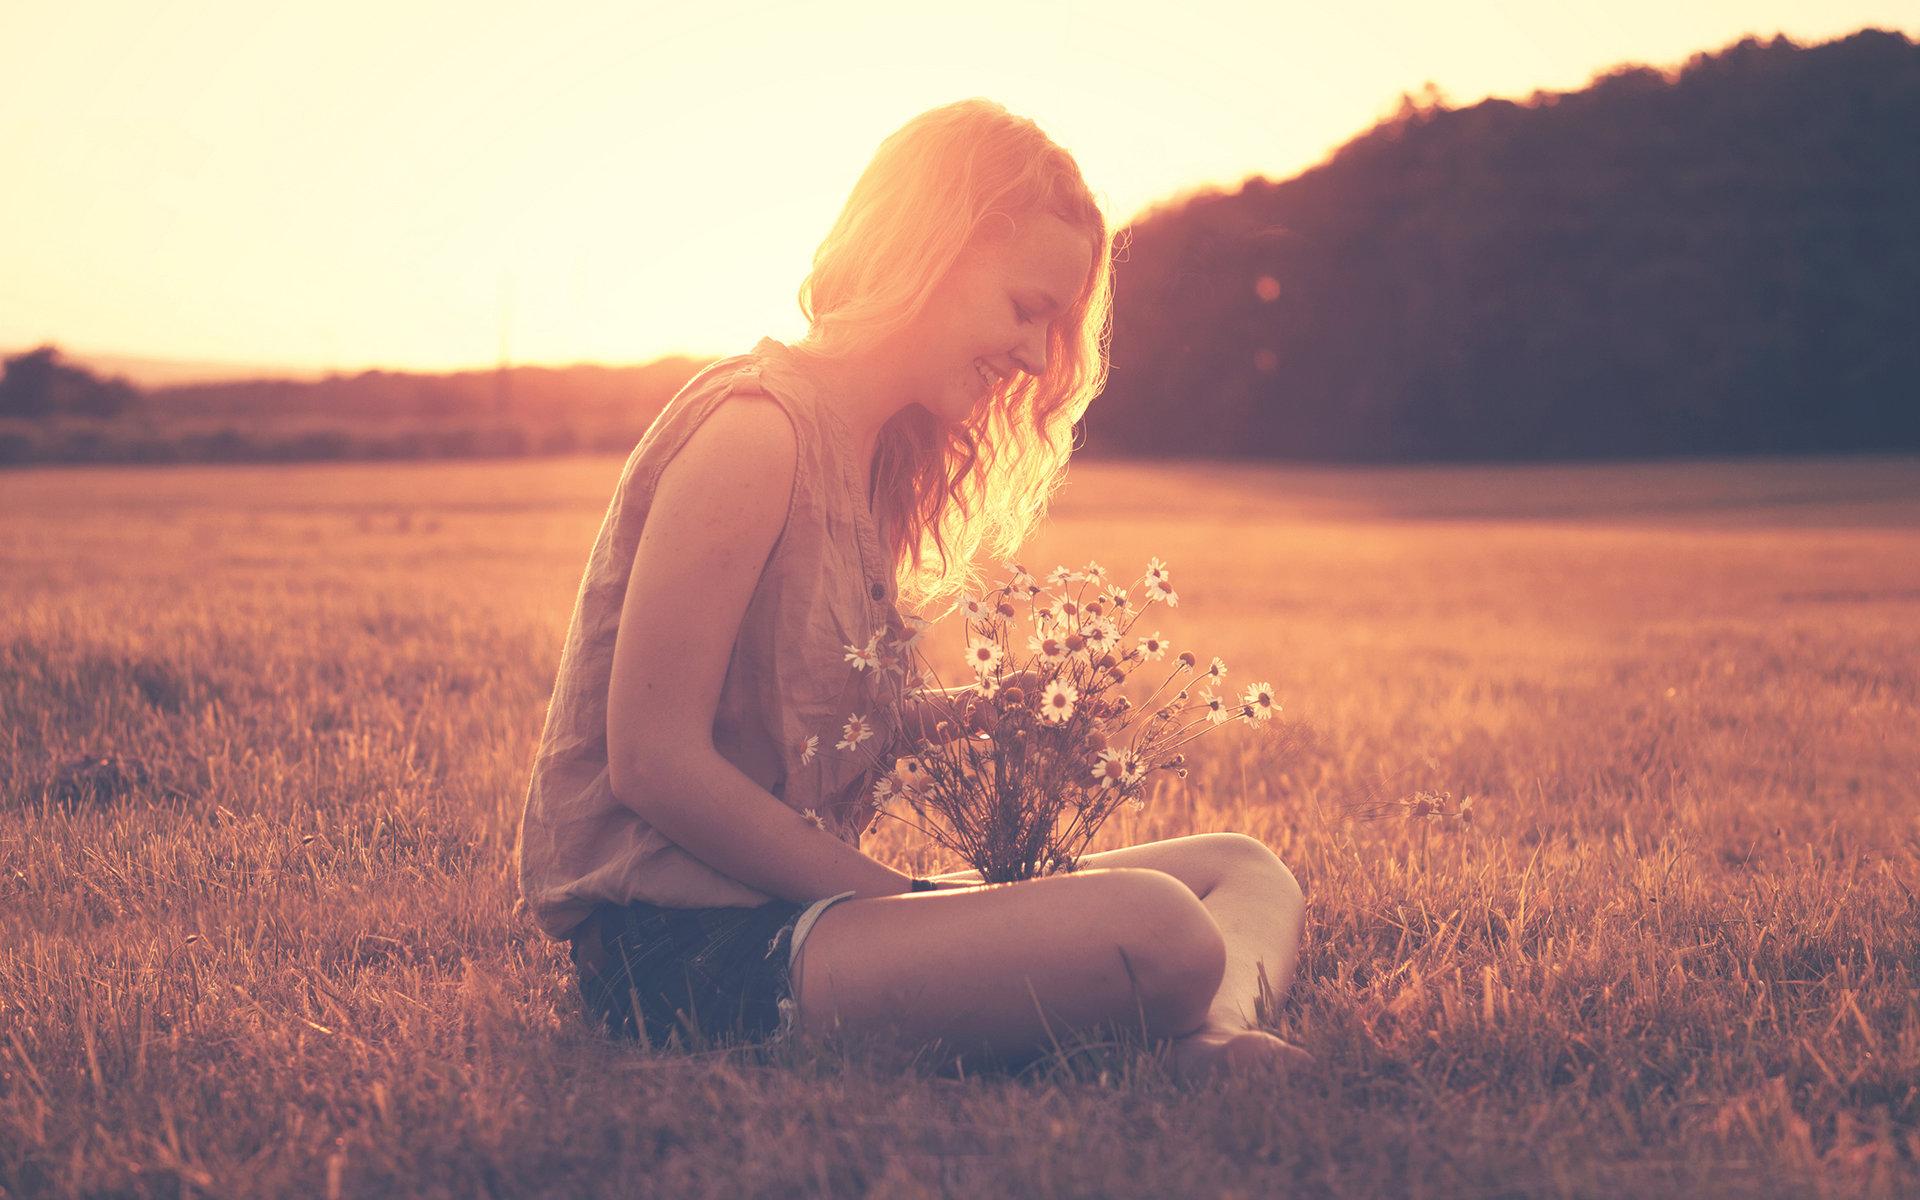 梦想总是让人发光的人生正能量感悟经典语录说说精选